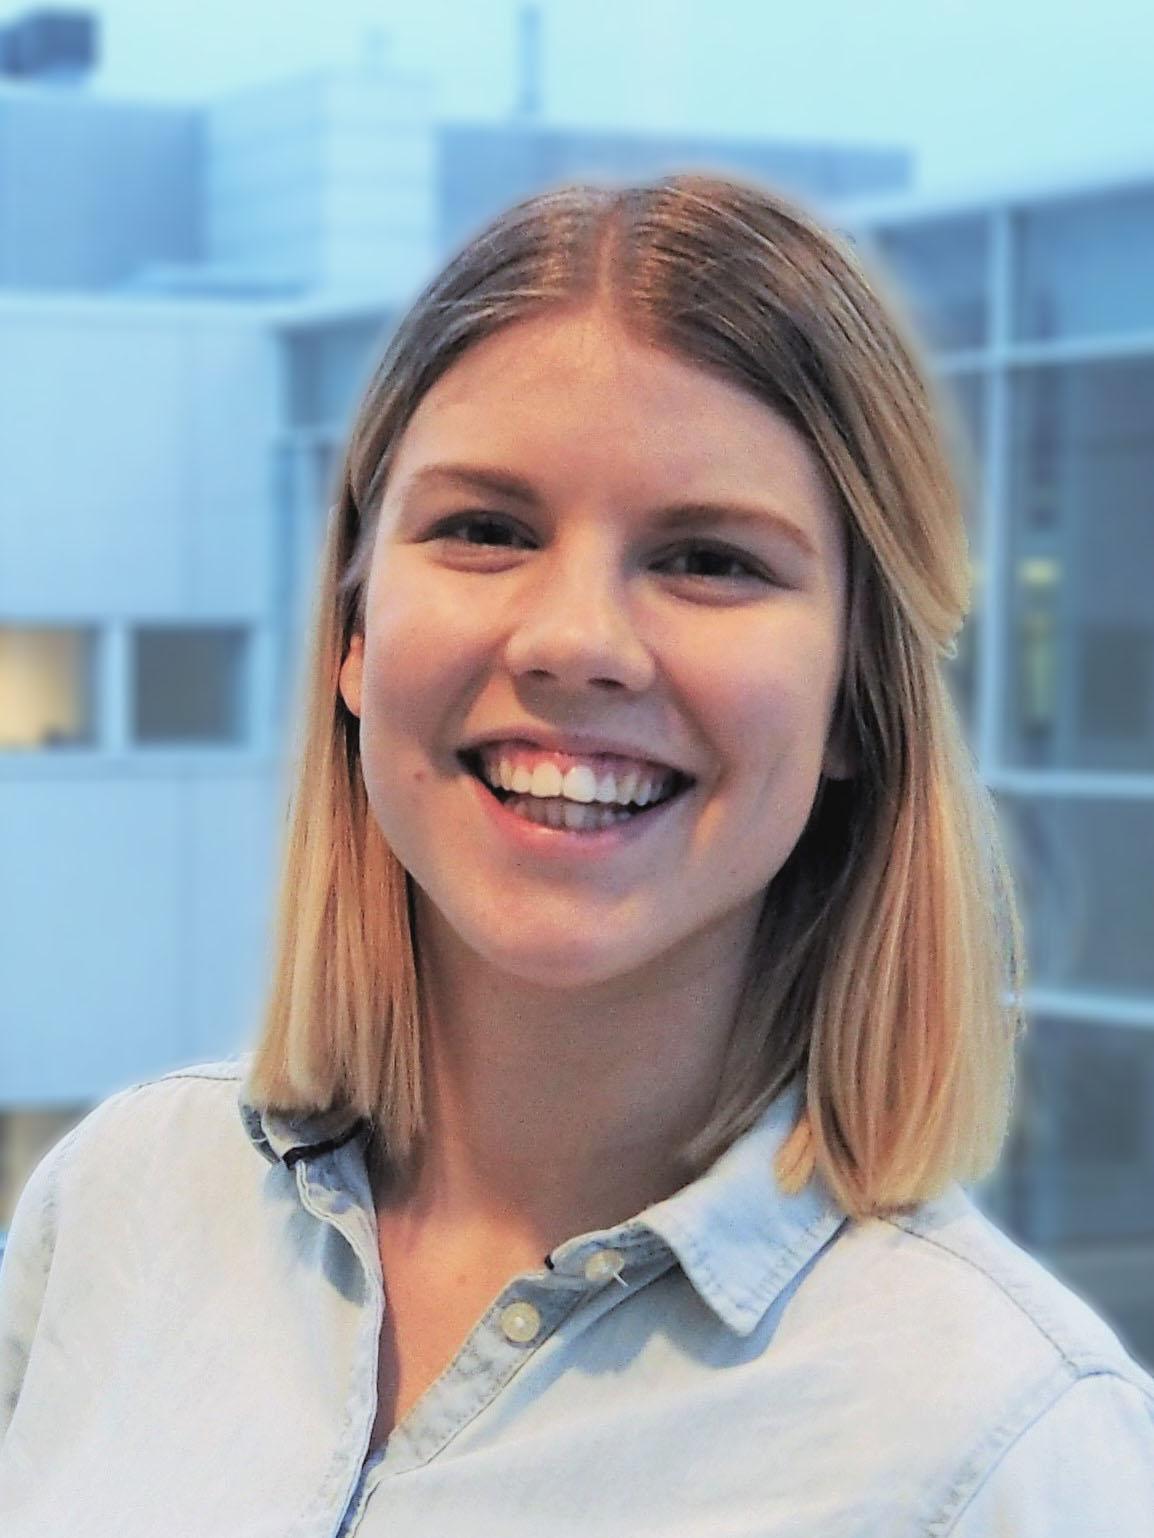 Julia Lintunen (P-klubi)